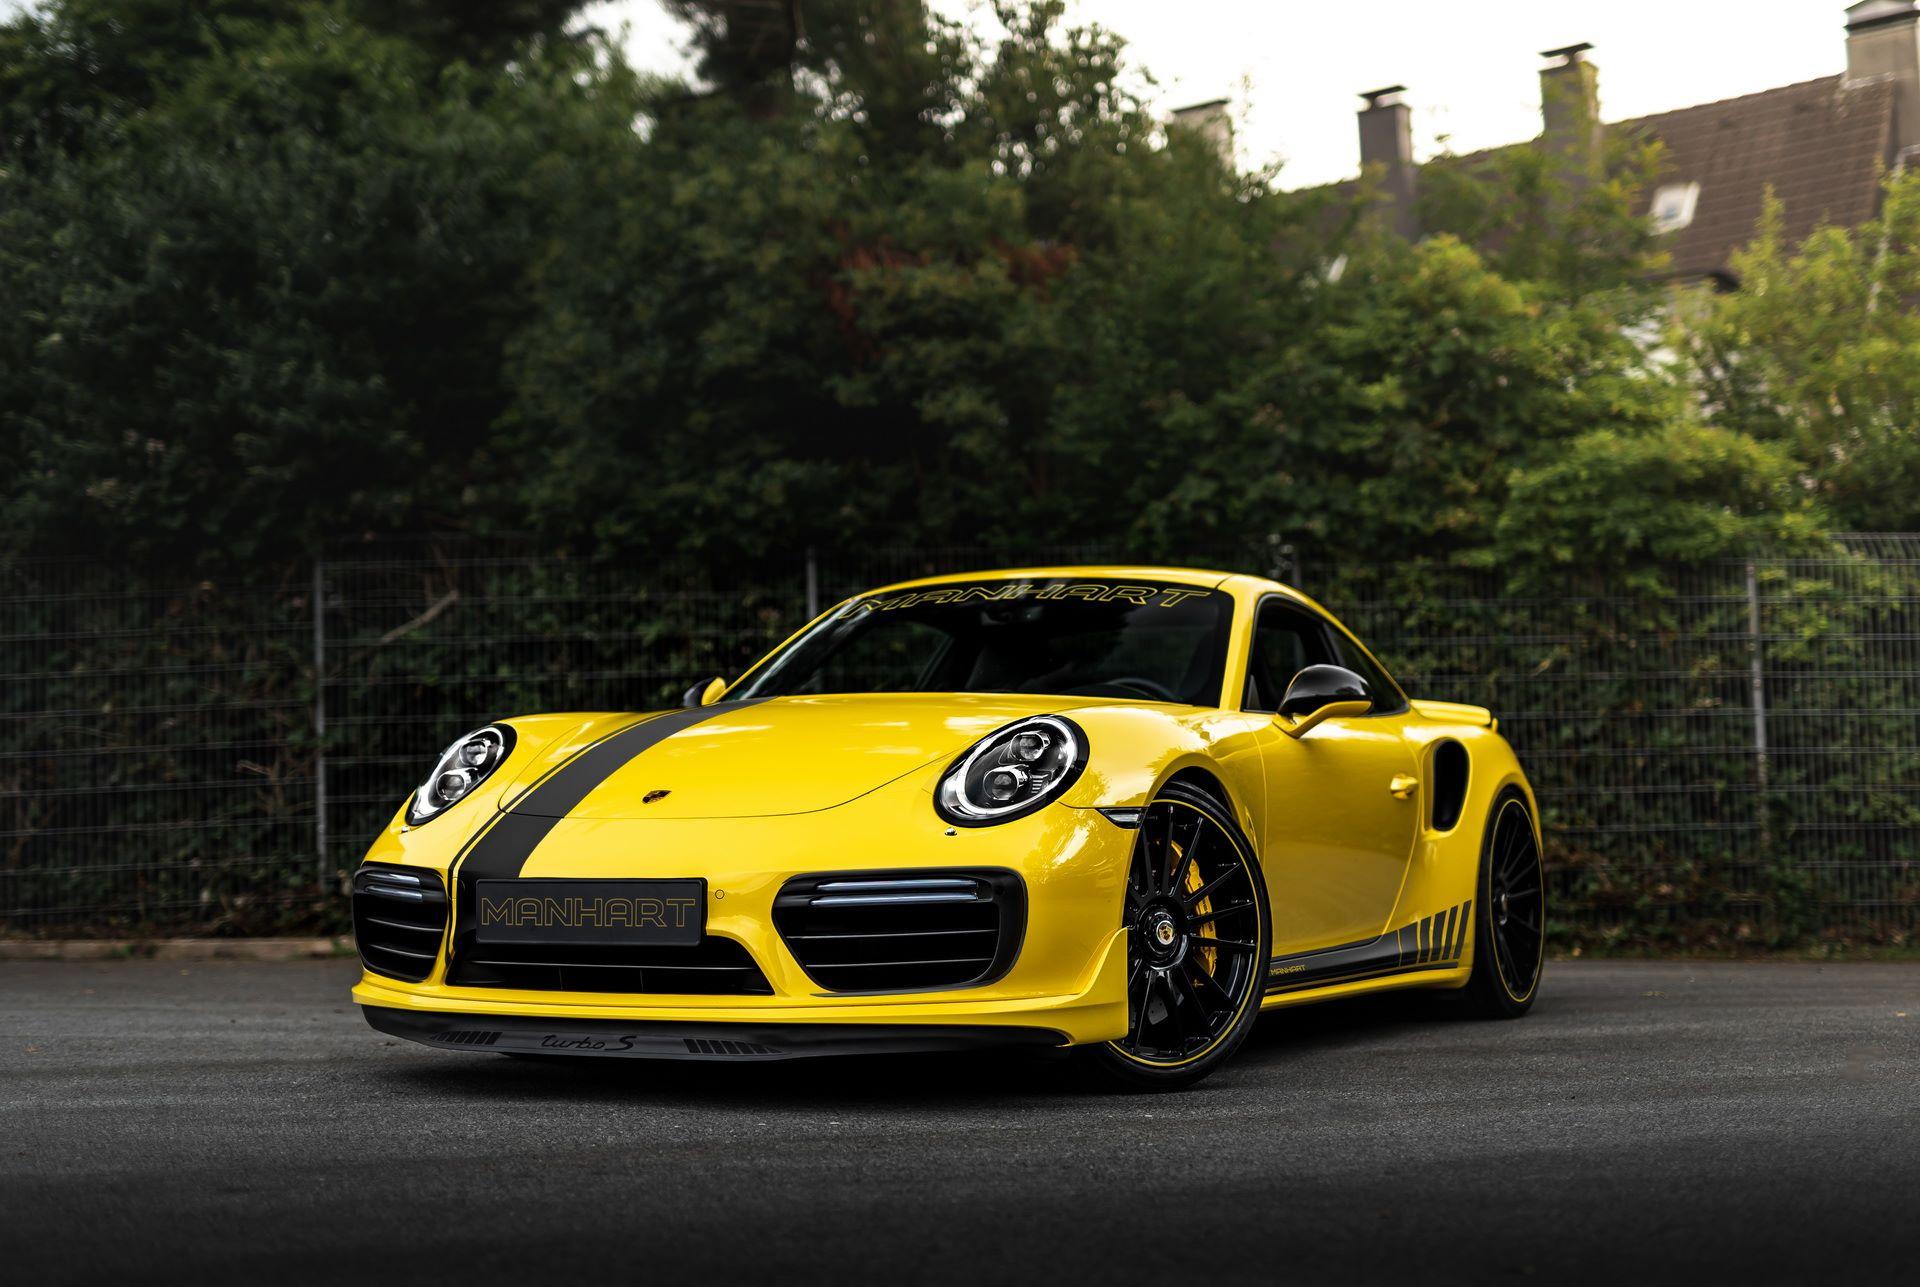 Porsche-911-Turbo-S-by-Manhart-1